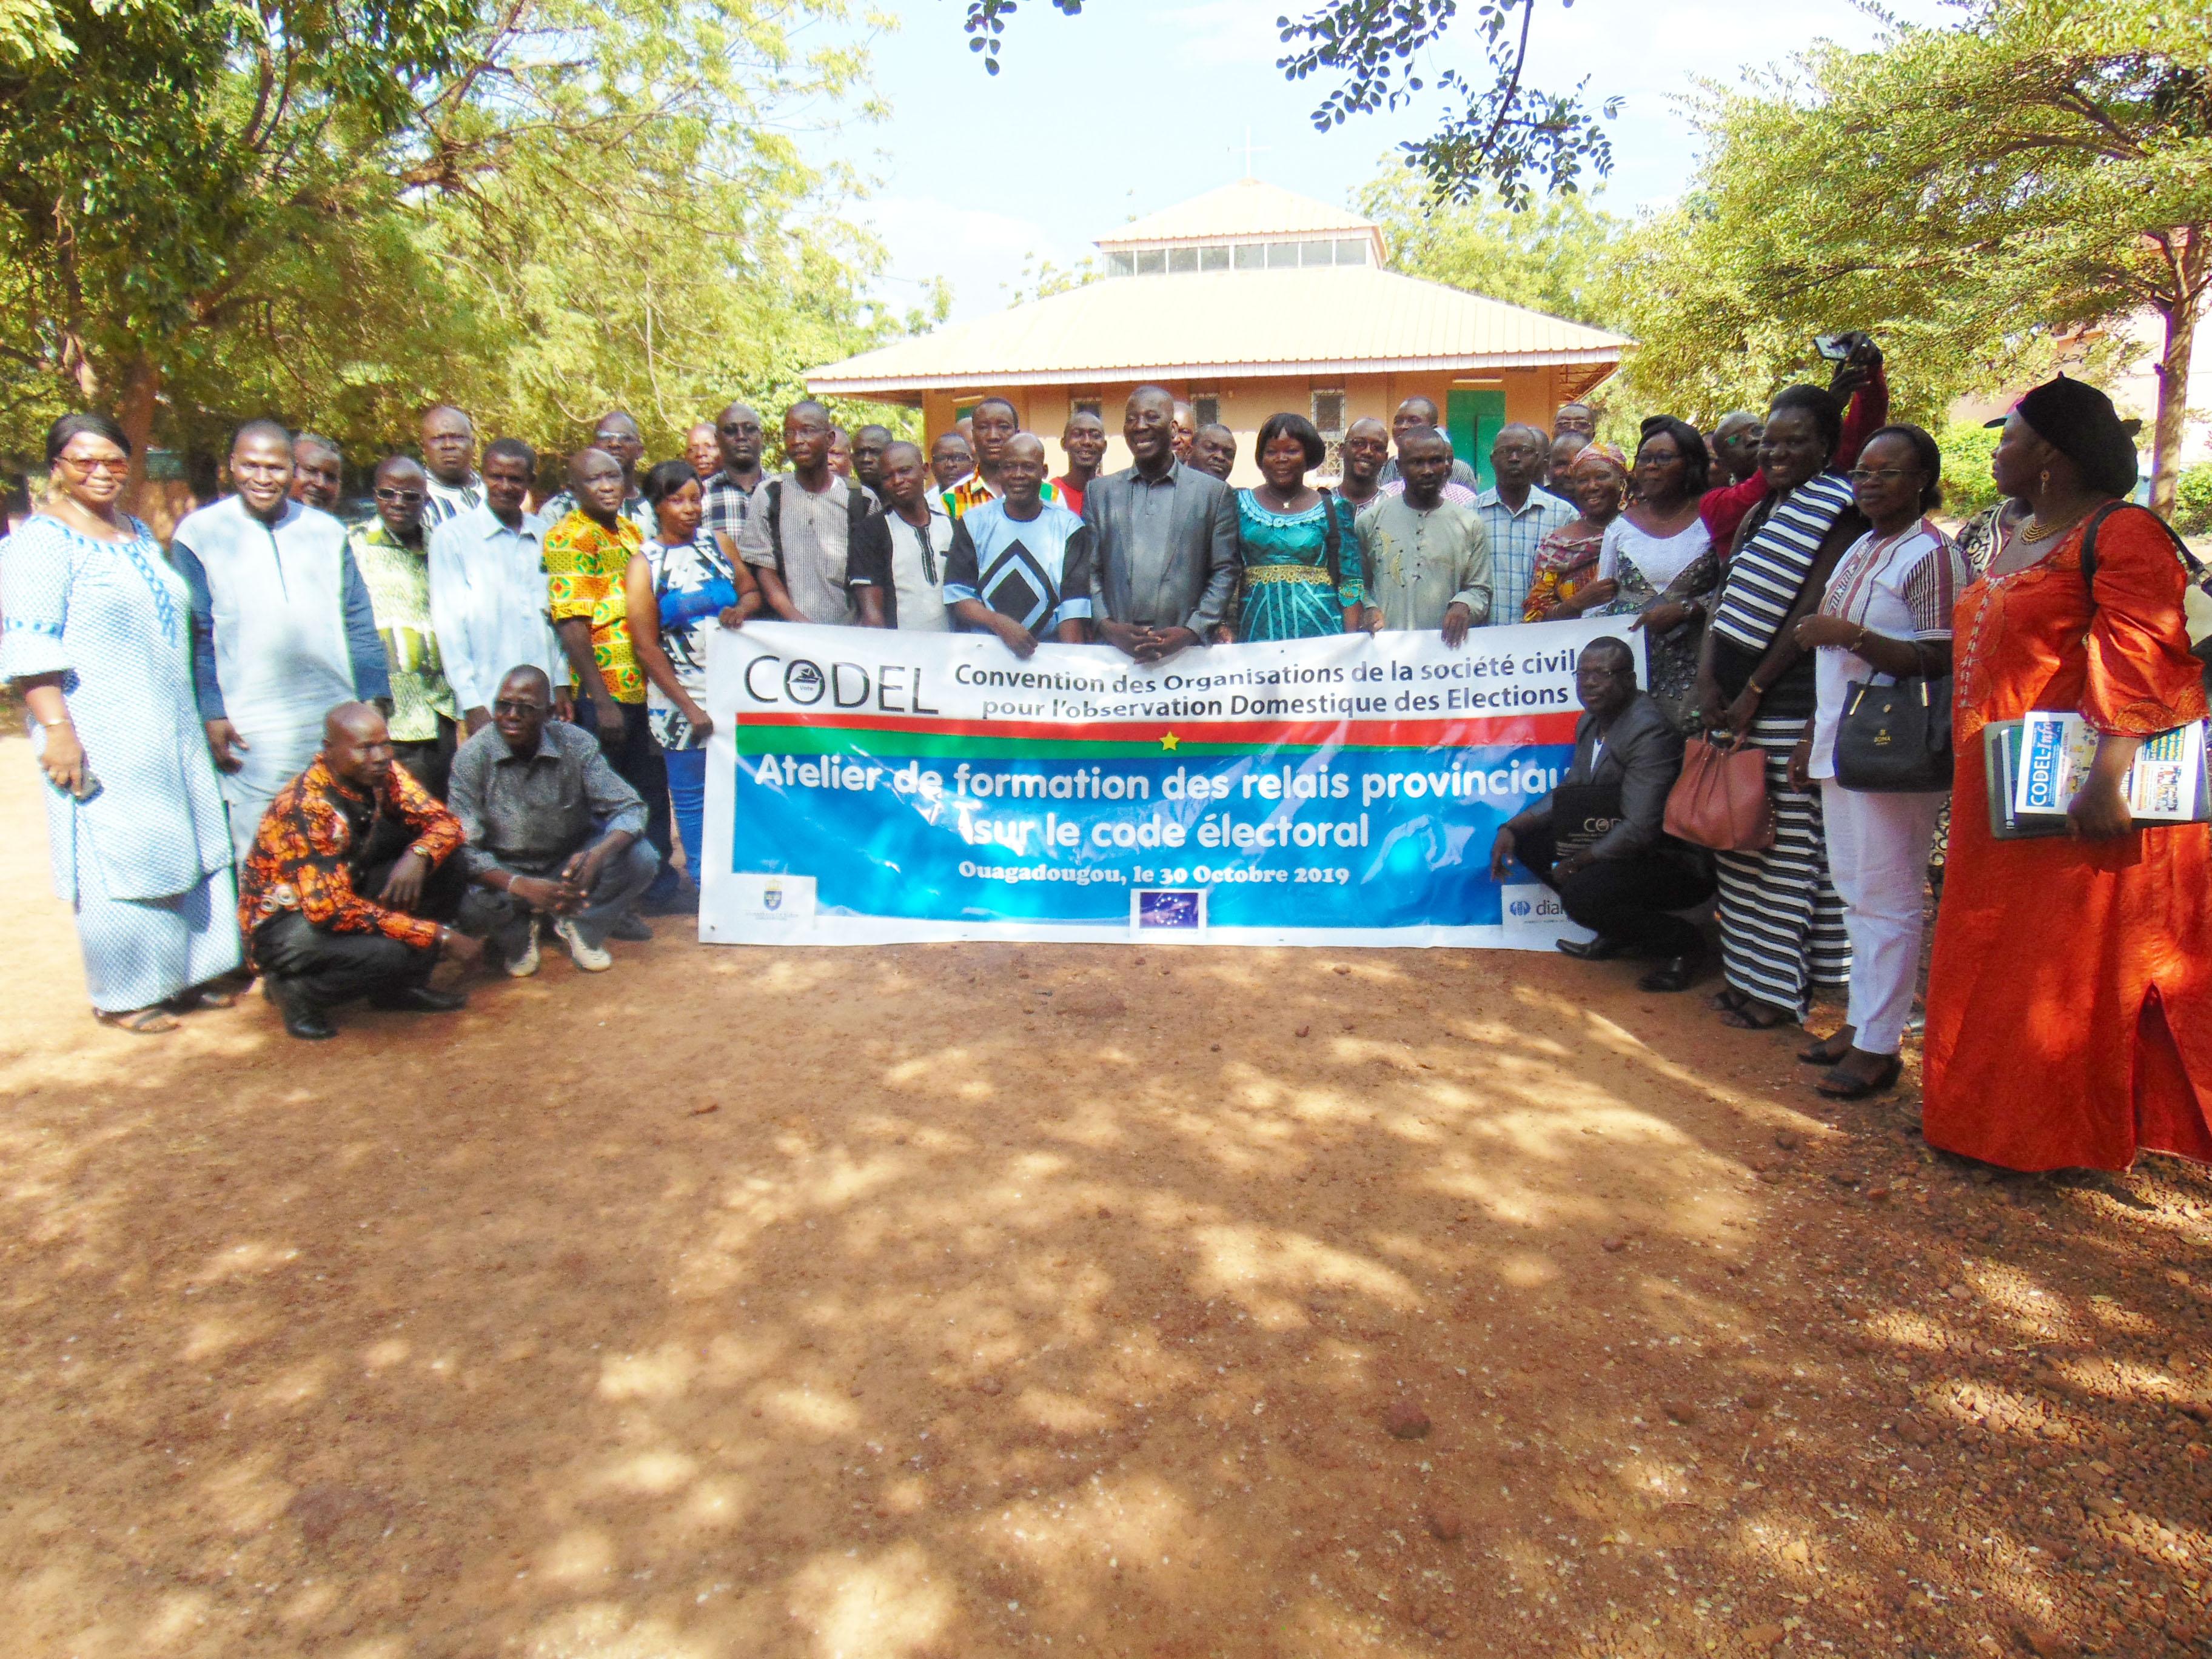 Élections de 2020 au Burkina Faso : La  CODEL discute avec ses représentants provinciaux.